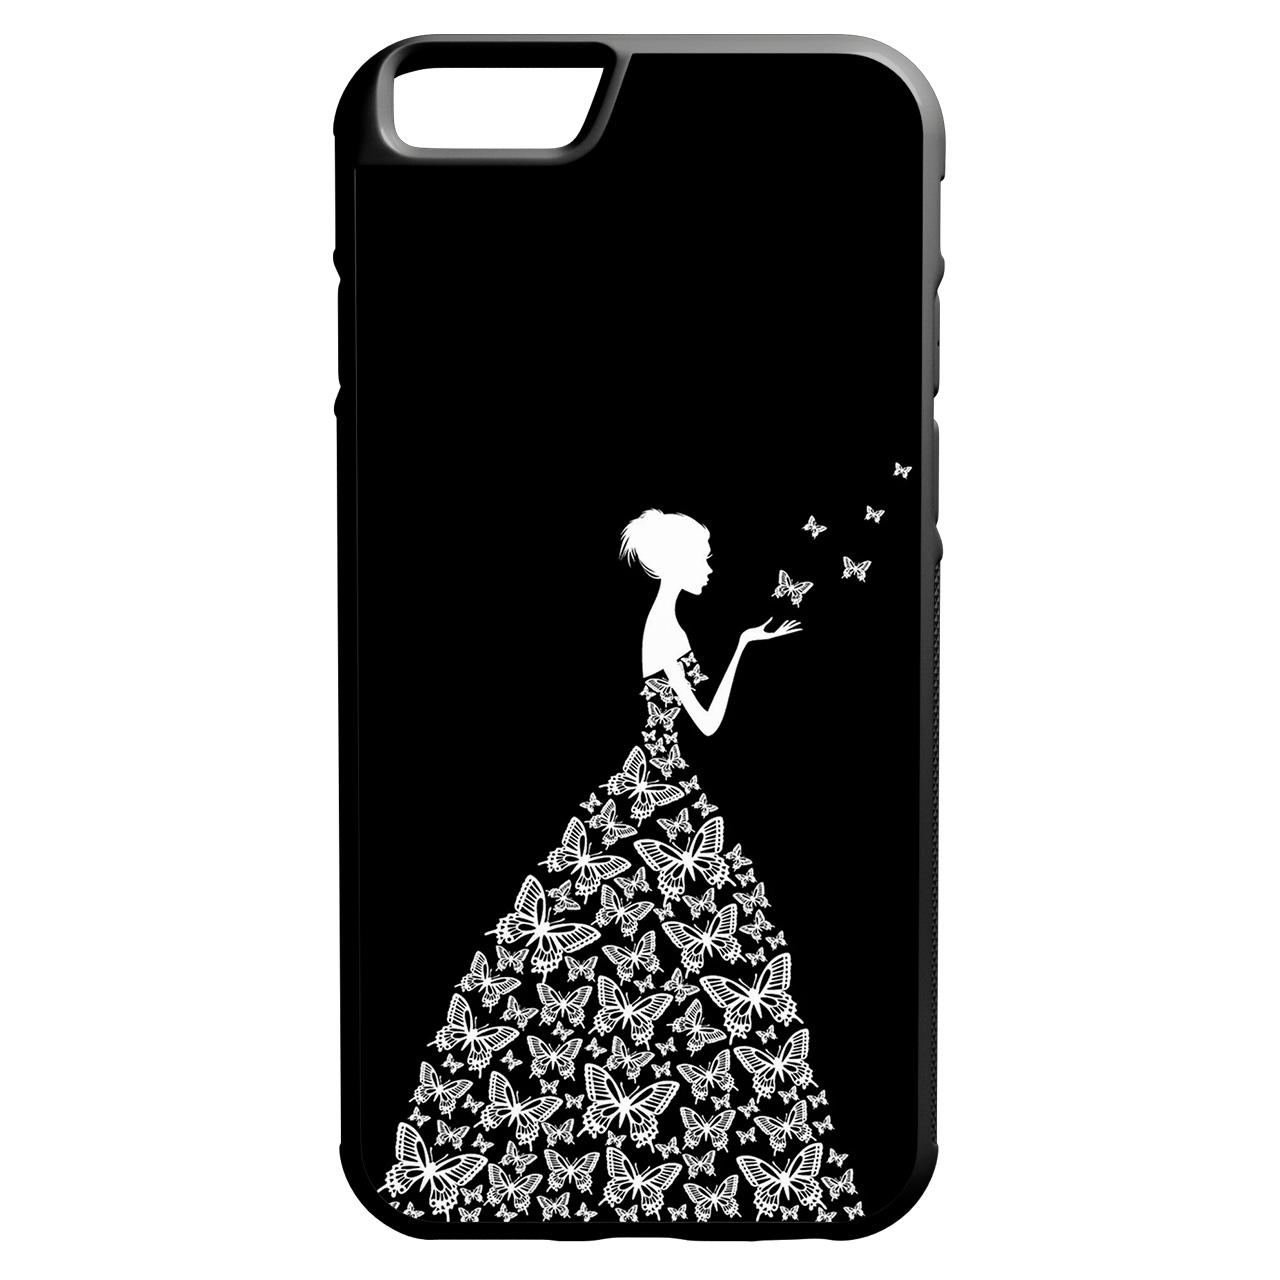 کاور طرح دخترانه مدل 0360 مناسب برای گوشی موبایل اپل iphone 6/6s